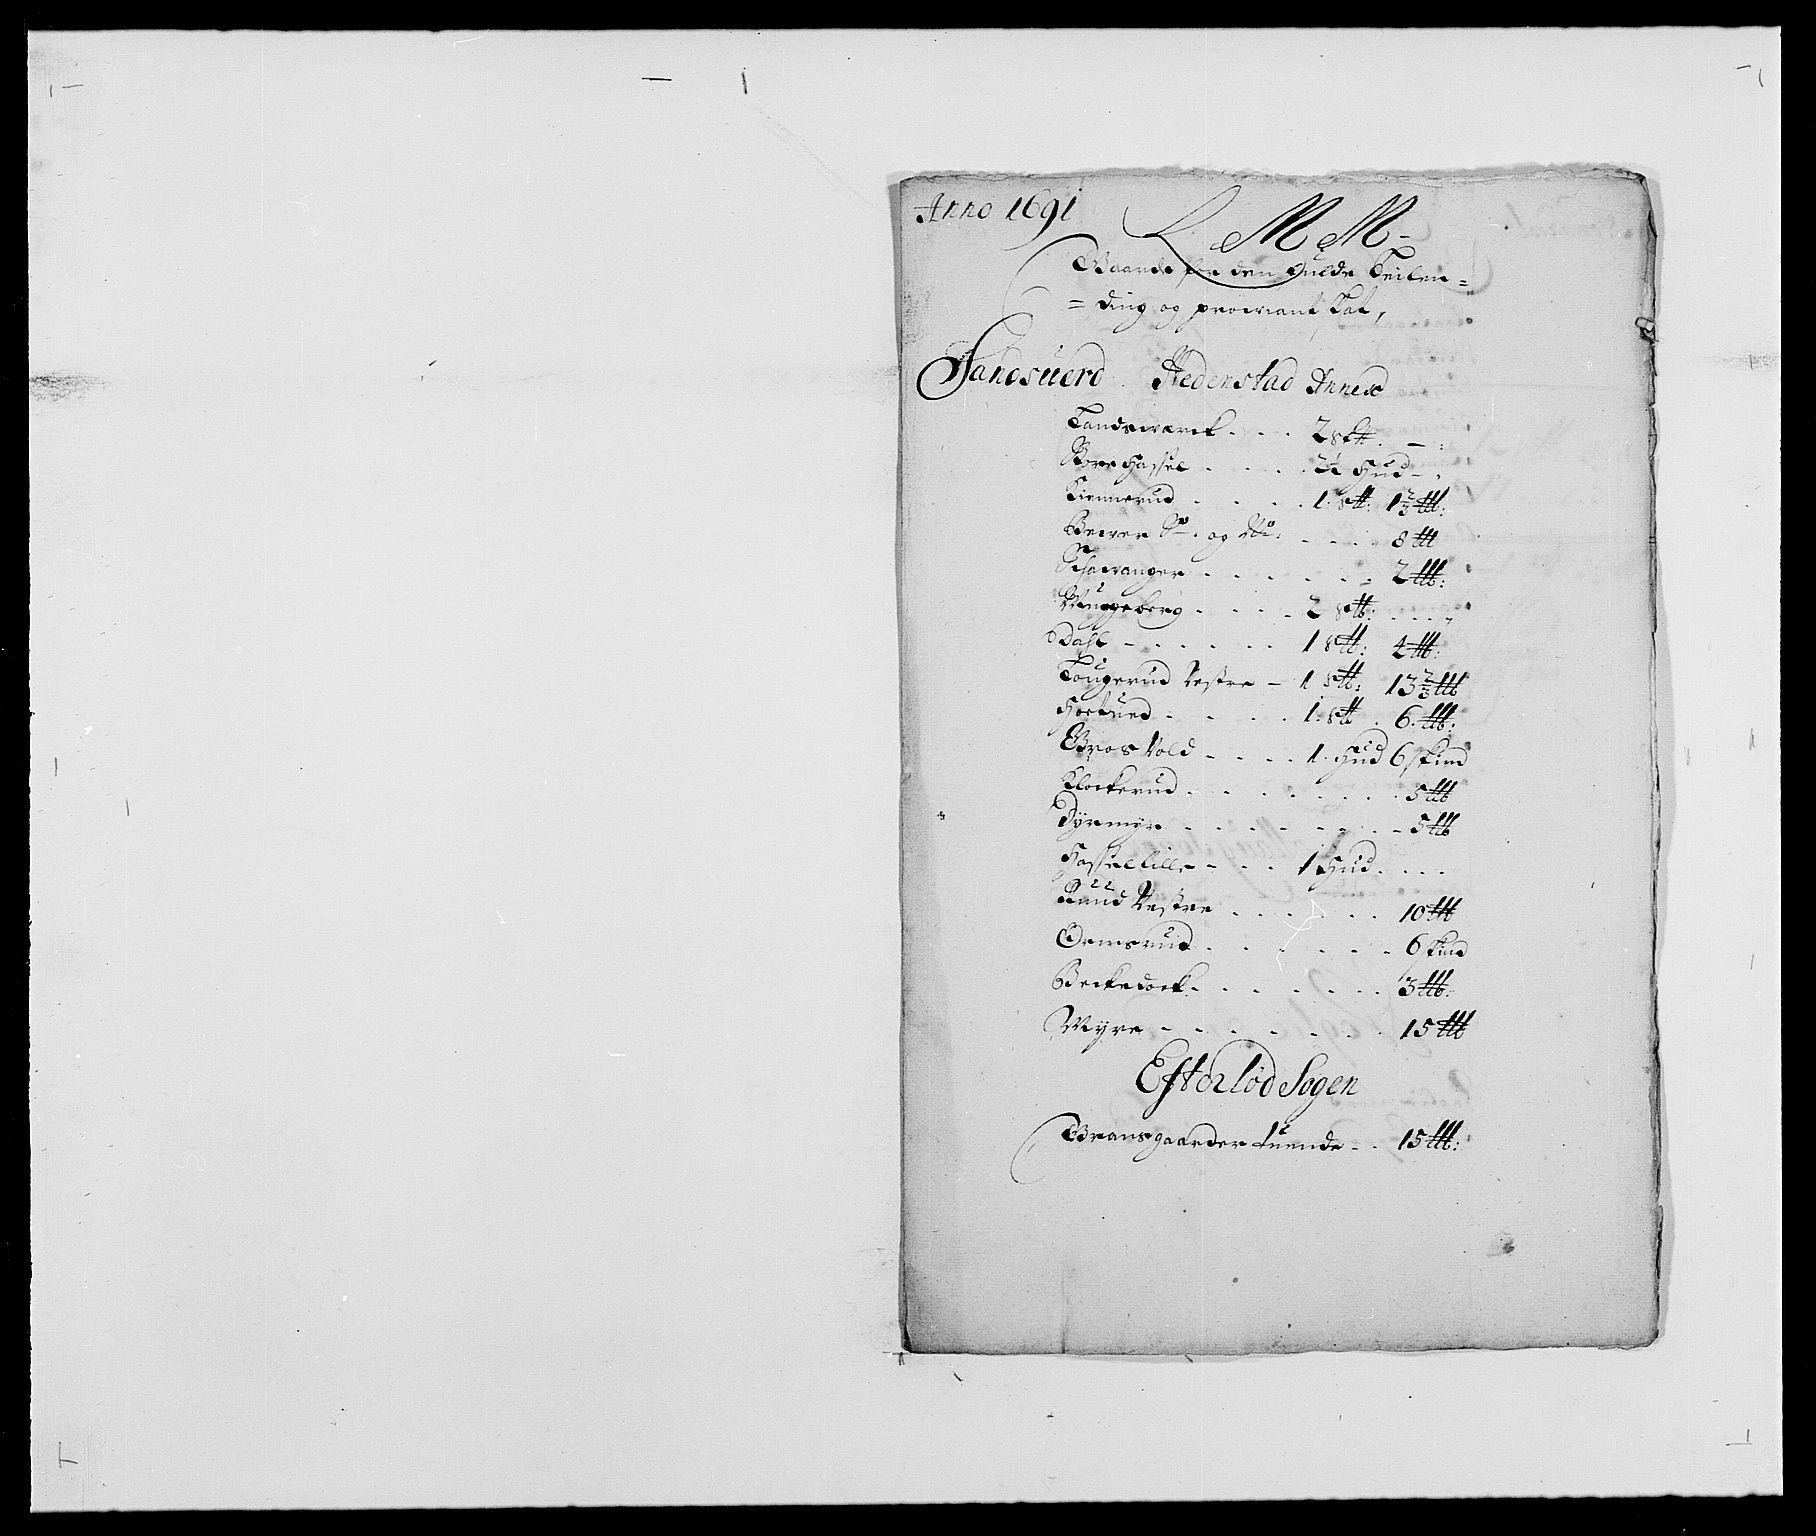 RA, Rentekammeret inntil 1814, Reviderte regnskaper, Fogderegnskap, R24/L1573: Fogderegnskap Numedal og Sandsvær, 1687-1691, s. 482